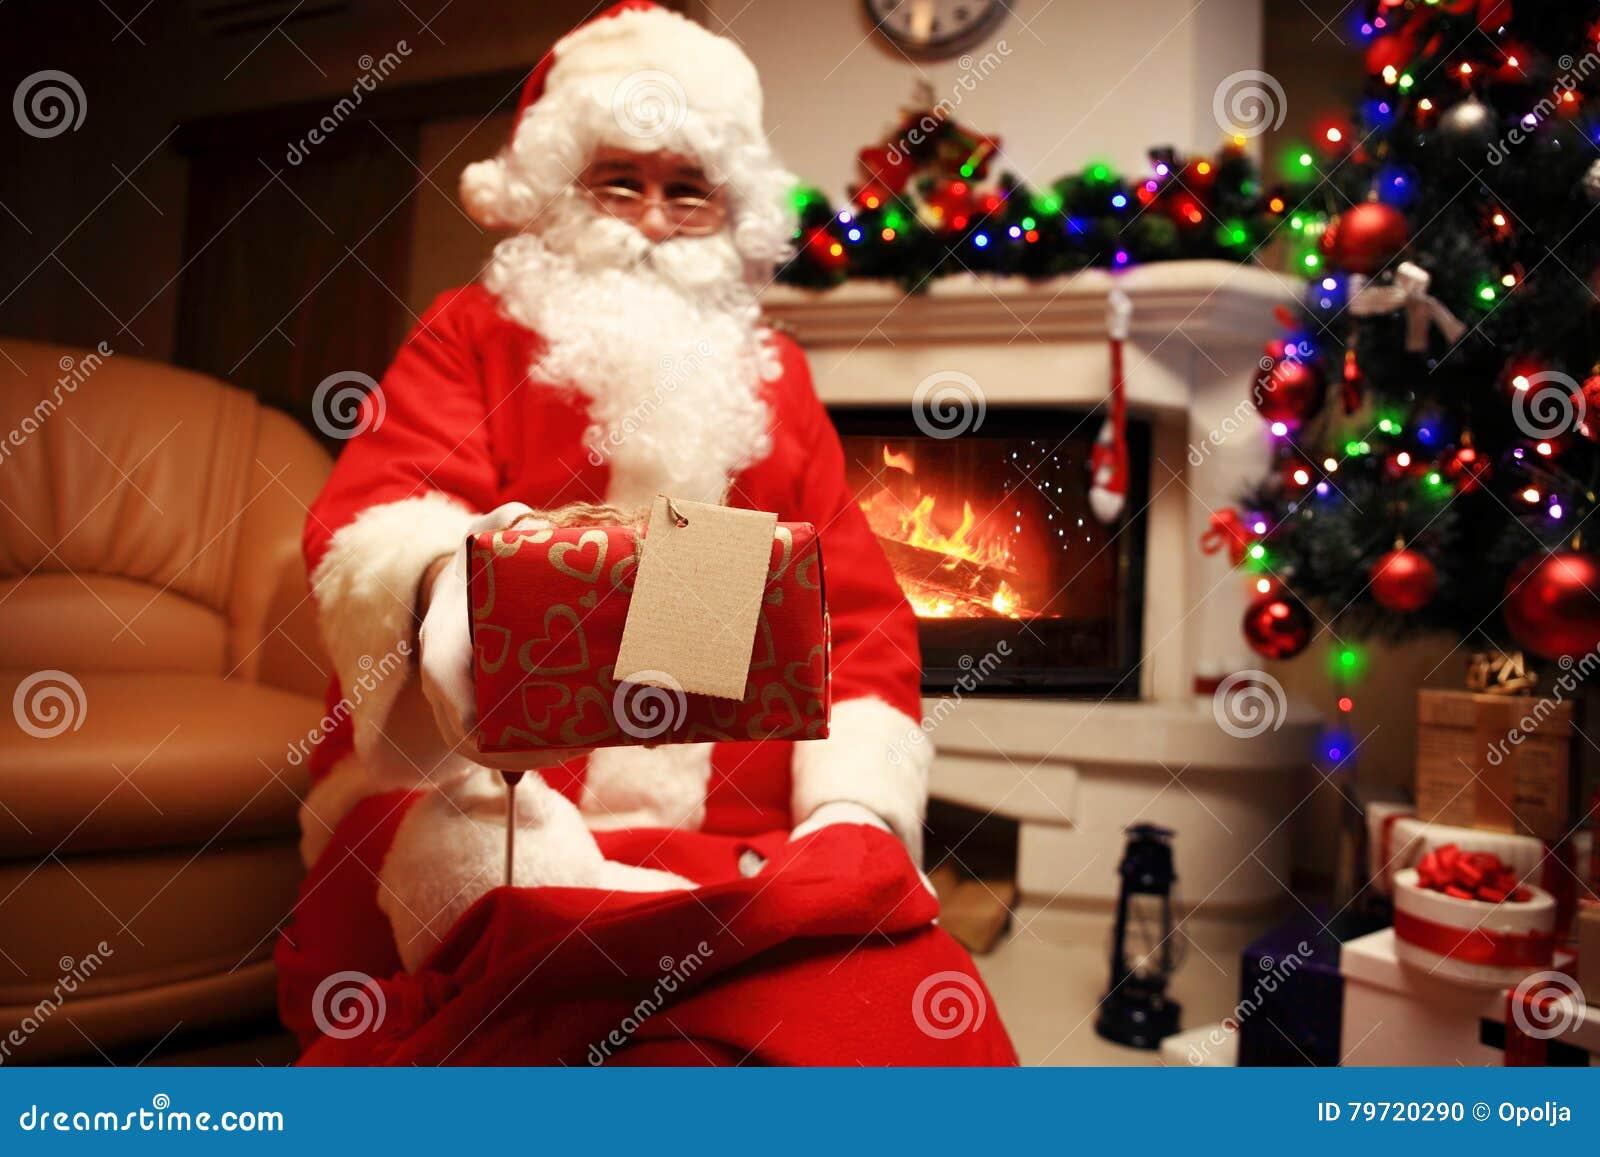 Decoracion casera de navidad ms de ideas increbles sobre for Decoracion de navidad casera